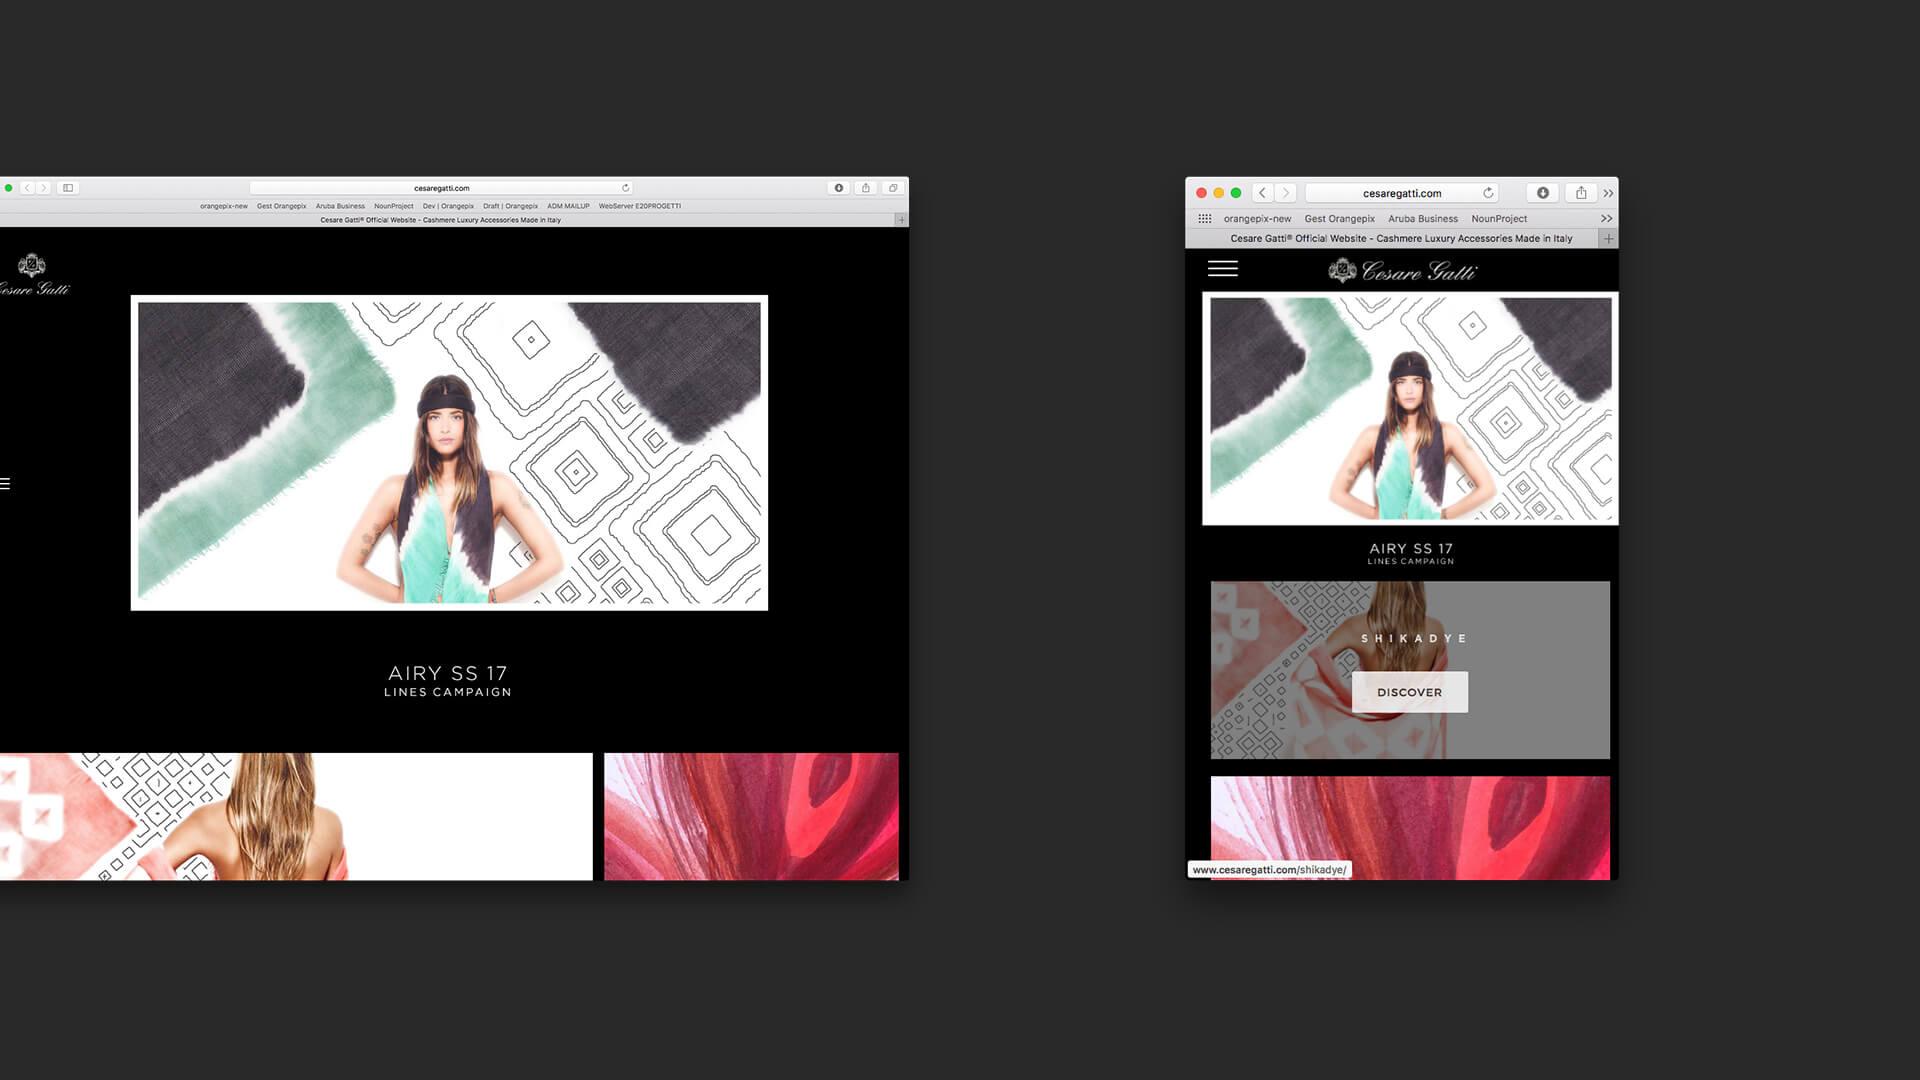 Presentazione responsive delle pagine